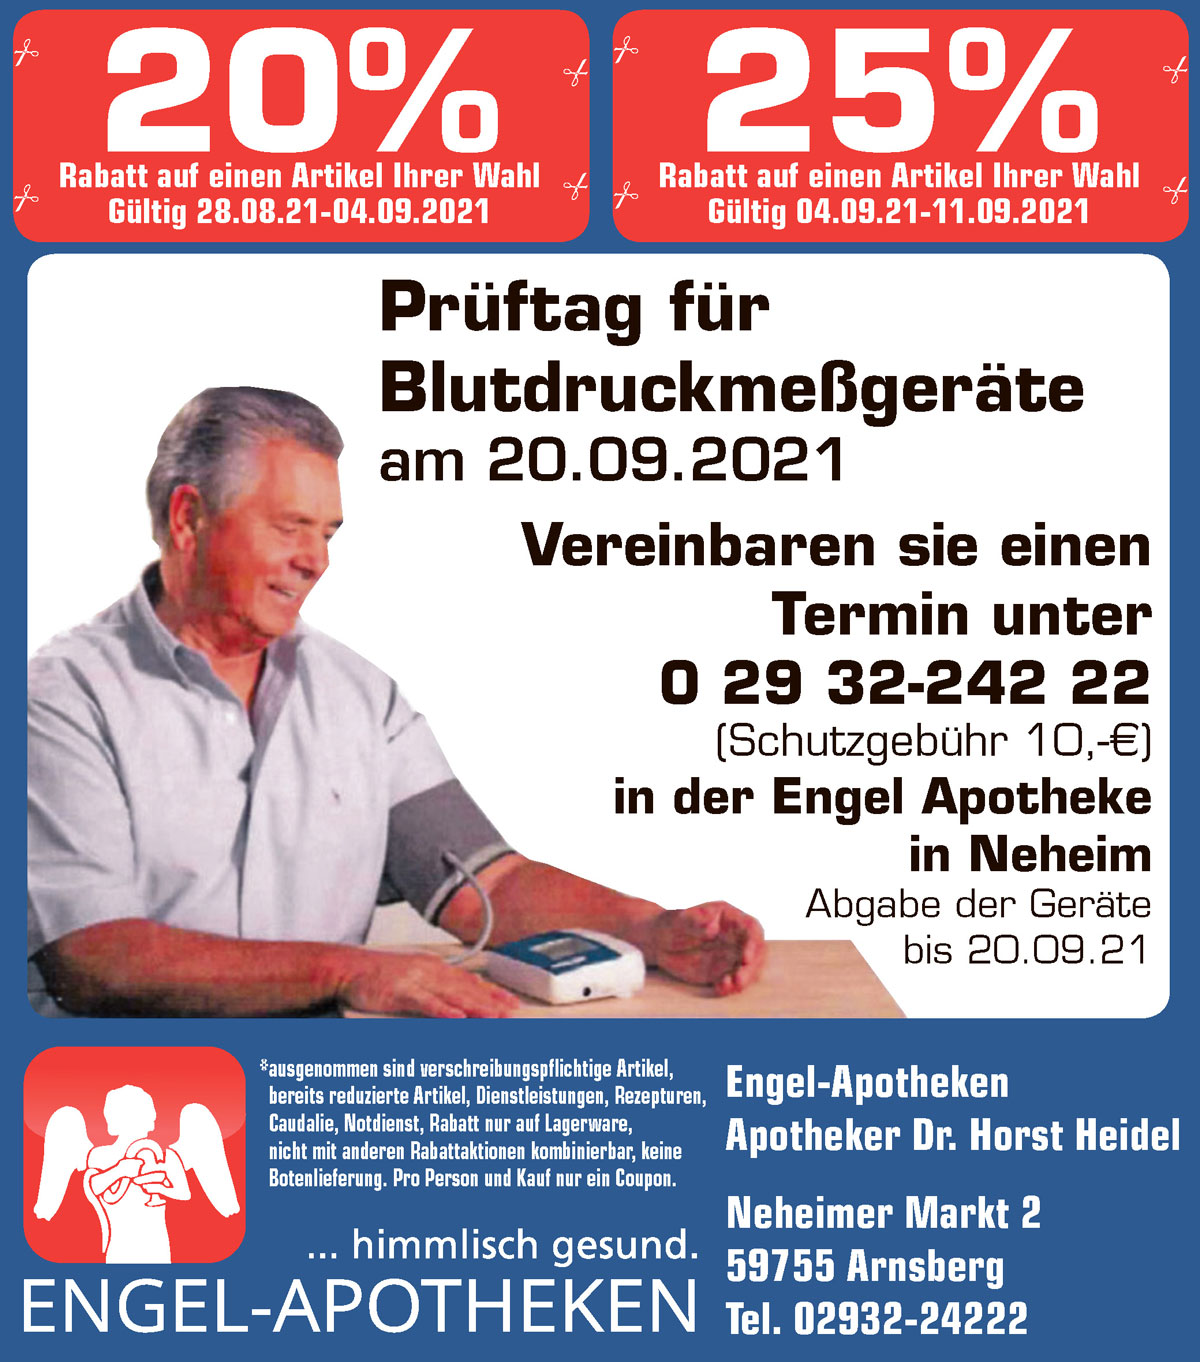 Aktuelle Angebote der Engel Apotheken